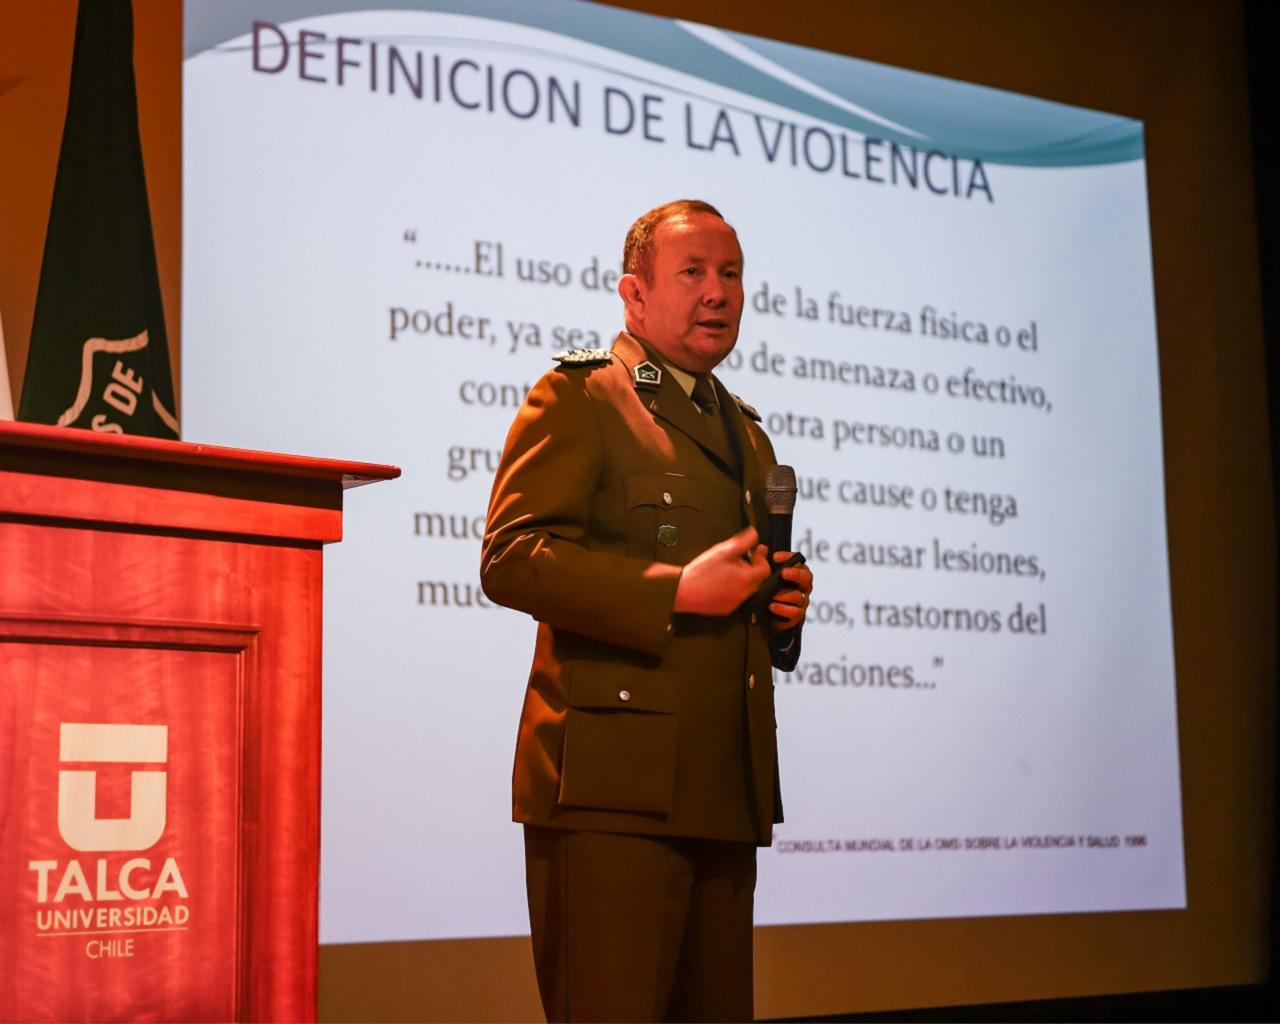 UTALCA y Carabineros inician trabajo conjunto de prevención de violencia intrafamiliar